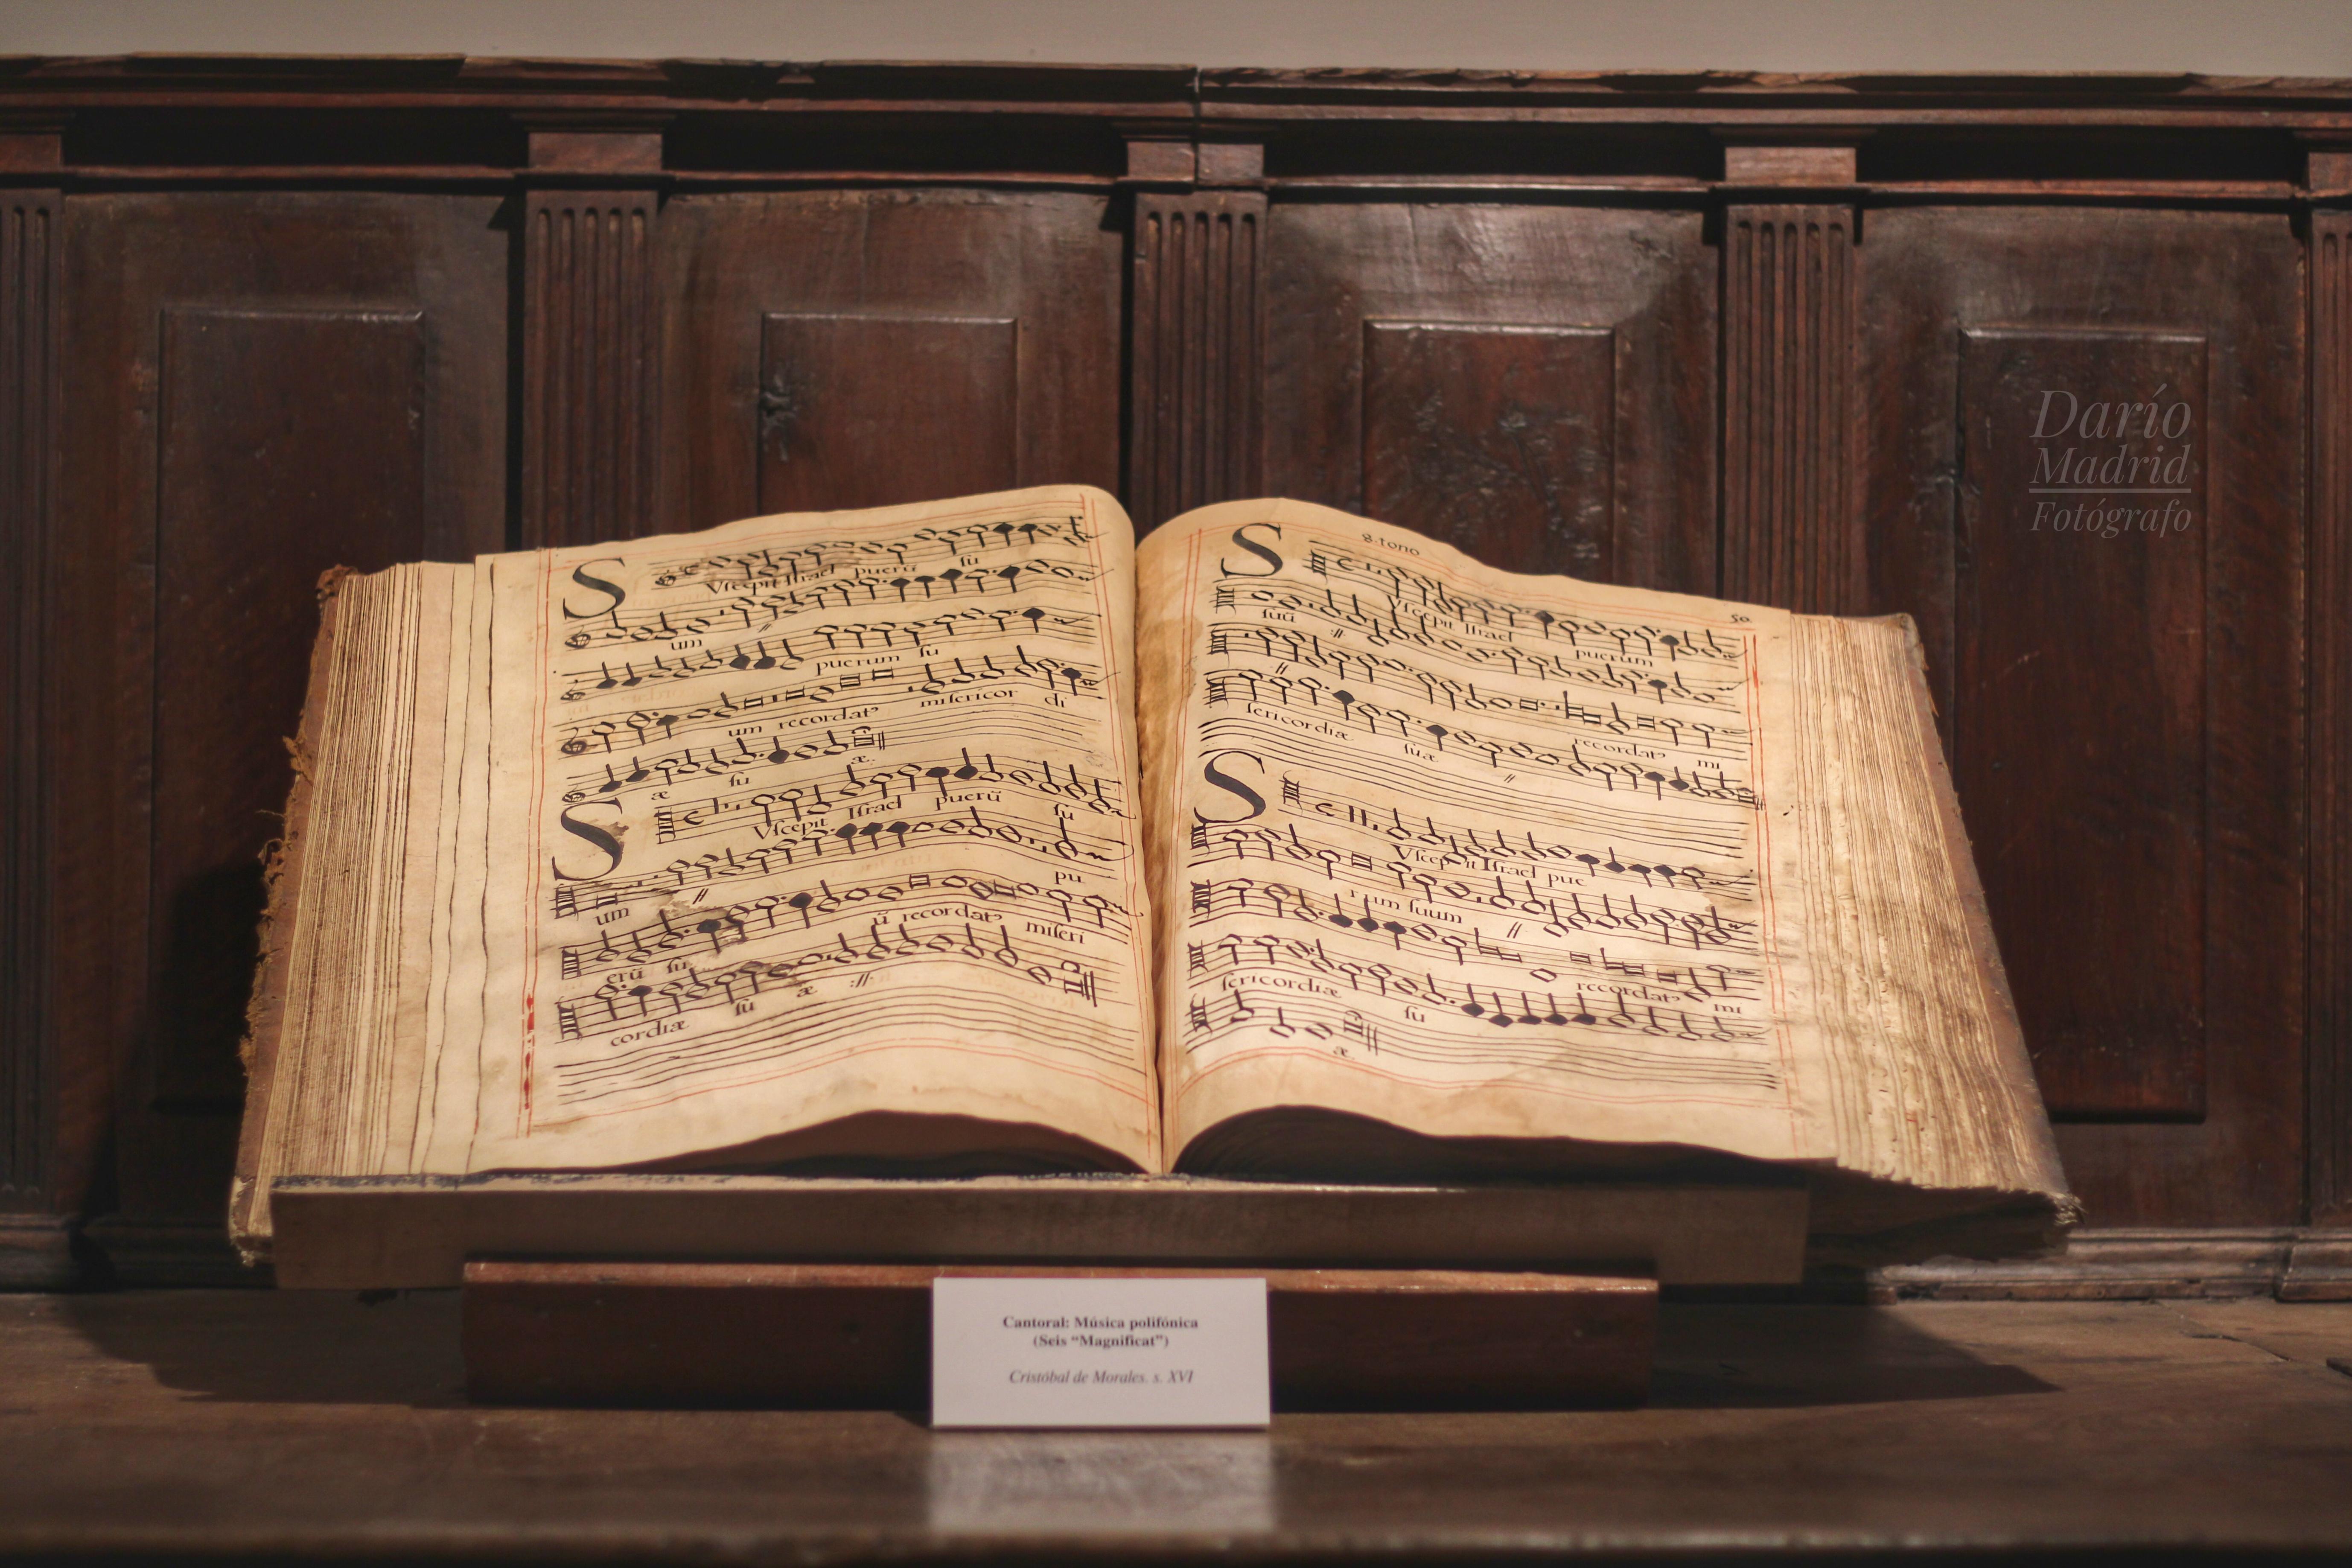 Cantoral del Museo Parroquial de Iglesia Colegiata de la Asunción de Pastrana